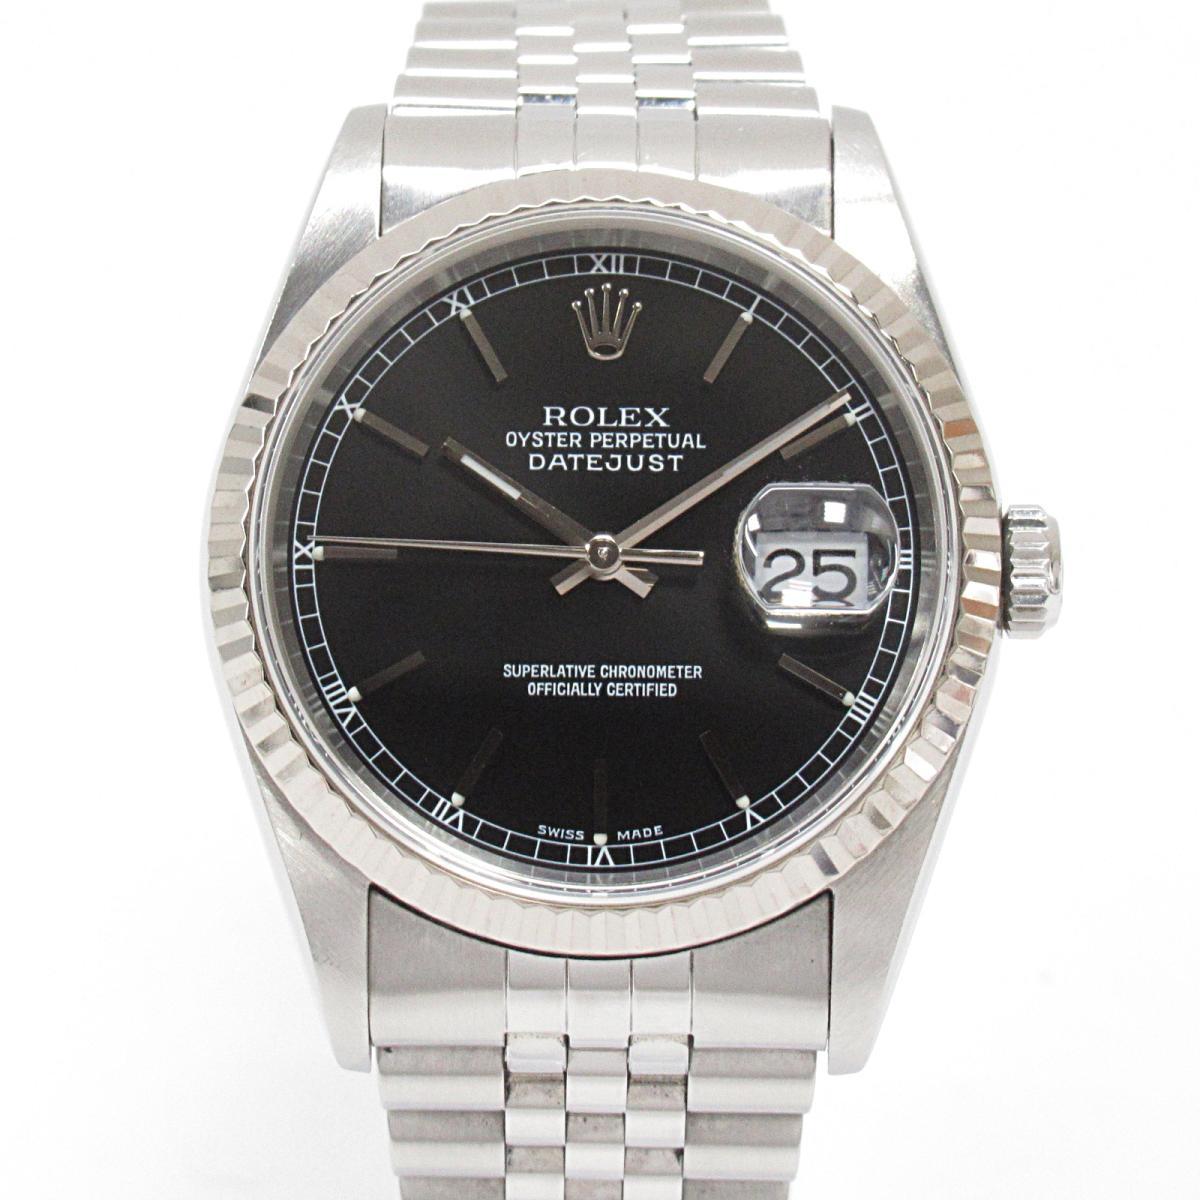 【中古】 ロレックス デイトジャスト 腕時計 ウォッチ メンズ ステンレススチール (SS) K18WG (ホワイトゴールド) (16234) | ROLEX BRANDOFF ブランドオフ ブランド ブランド時計 ブランド腕時計 時計